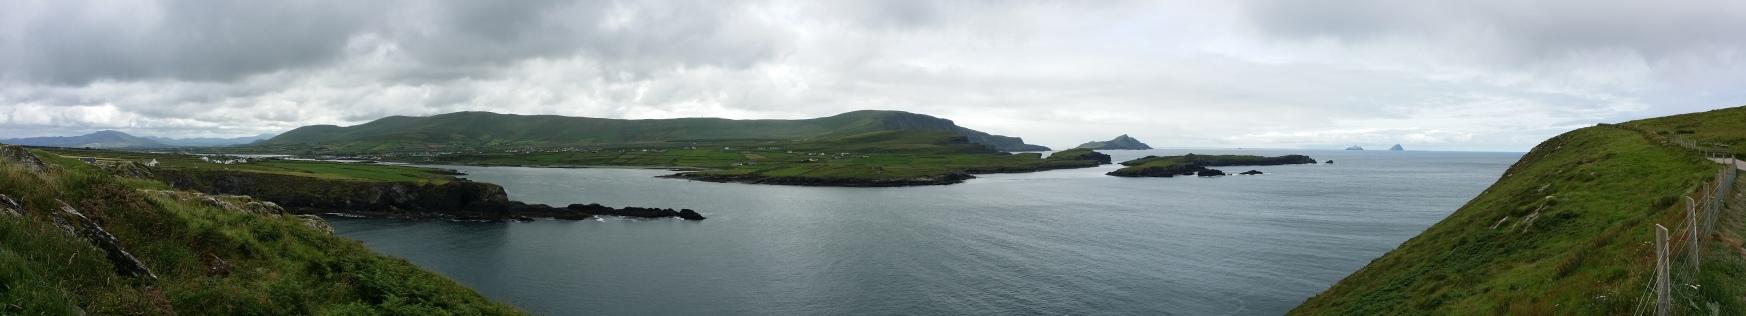 Killarney National Park, Killarney, County Kerry.